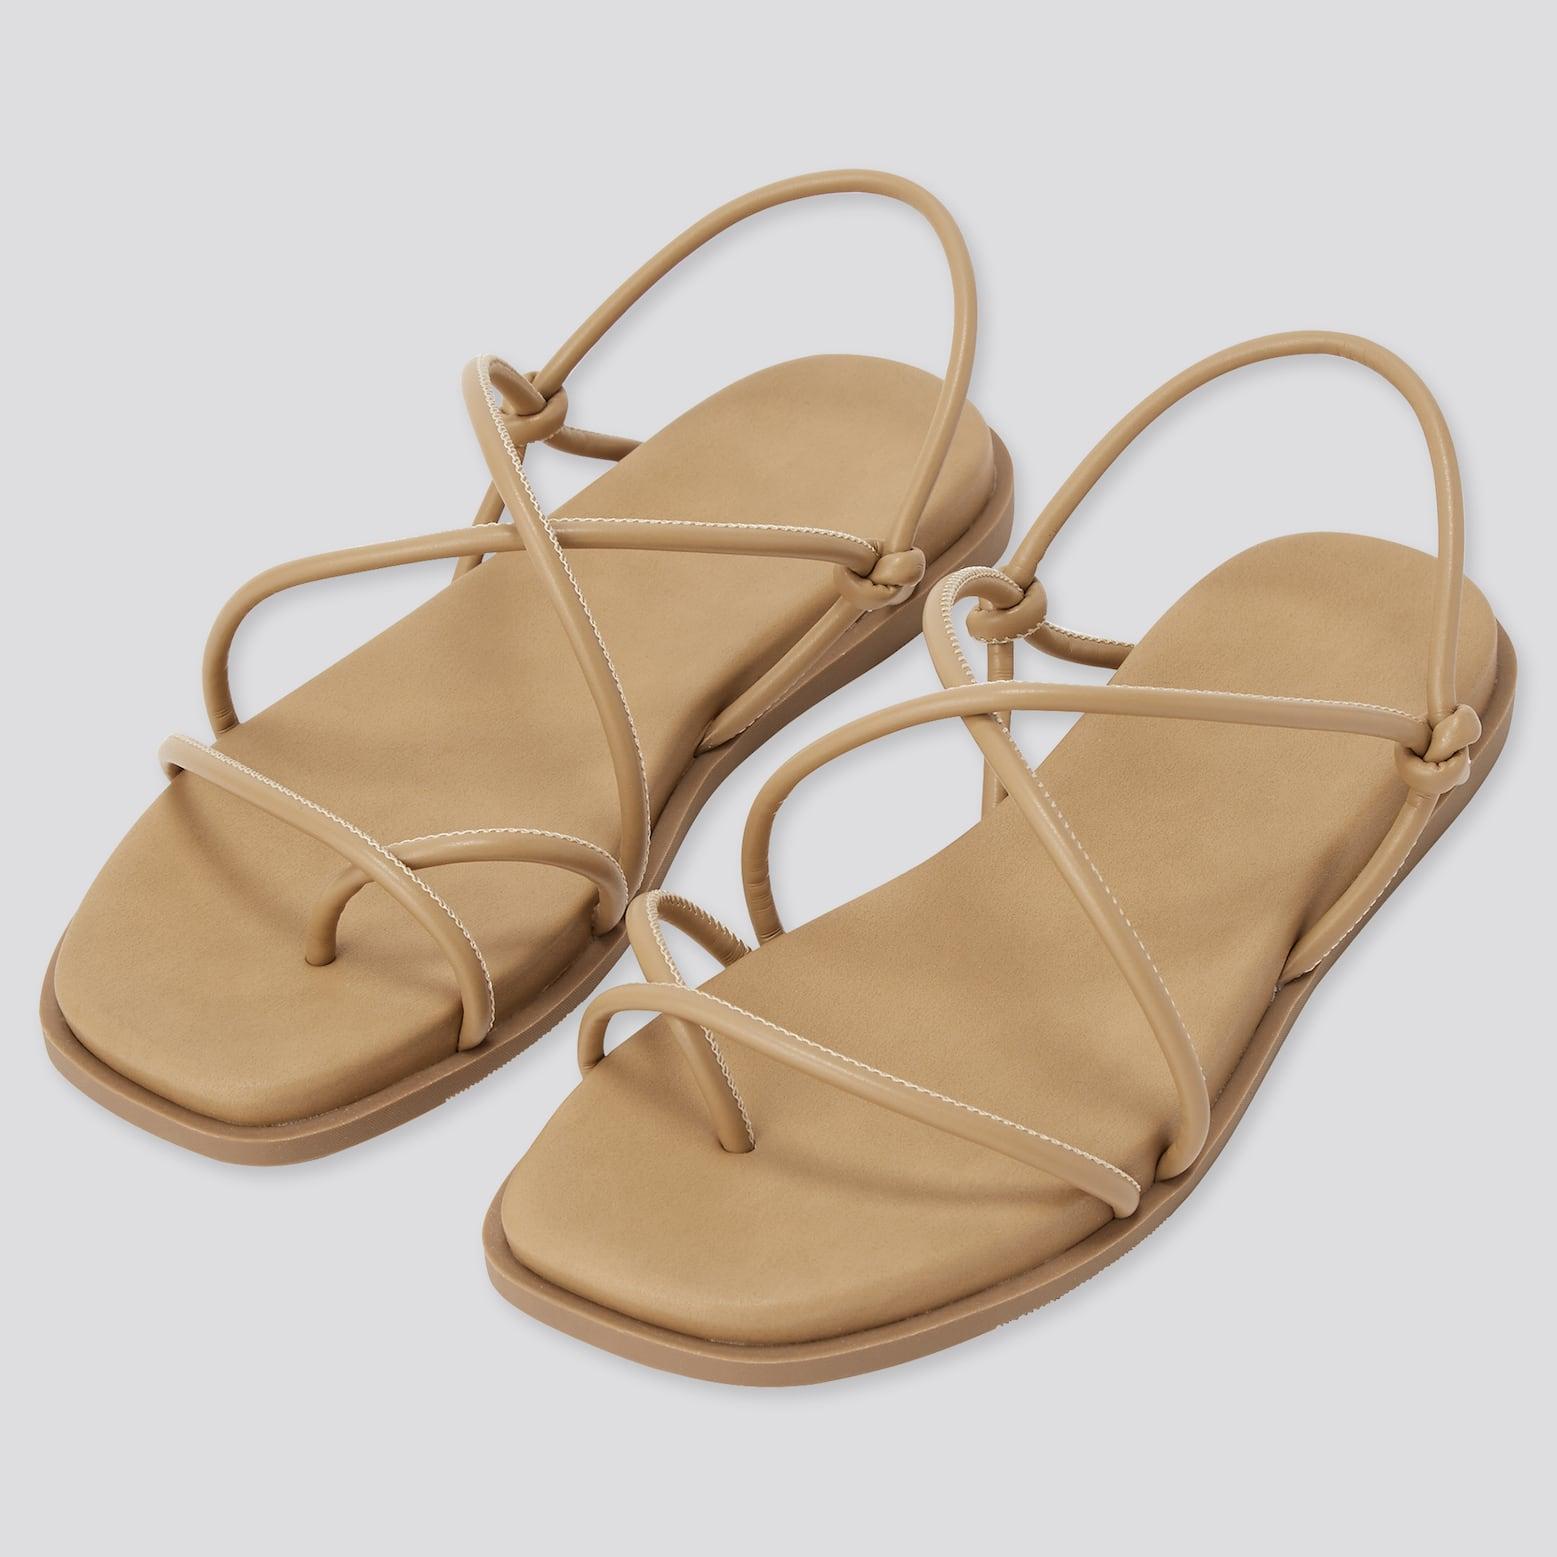 Hà Trúc khoe đôi sandals bệt cực xinh và êm chân, nhiều chị em xem xong sẽ muốn mua theo ngay - Ảnh 3.